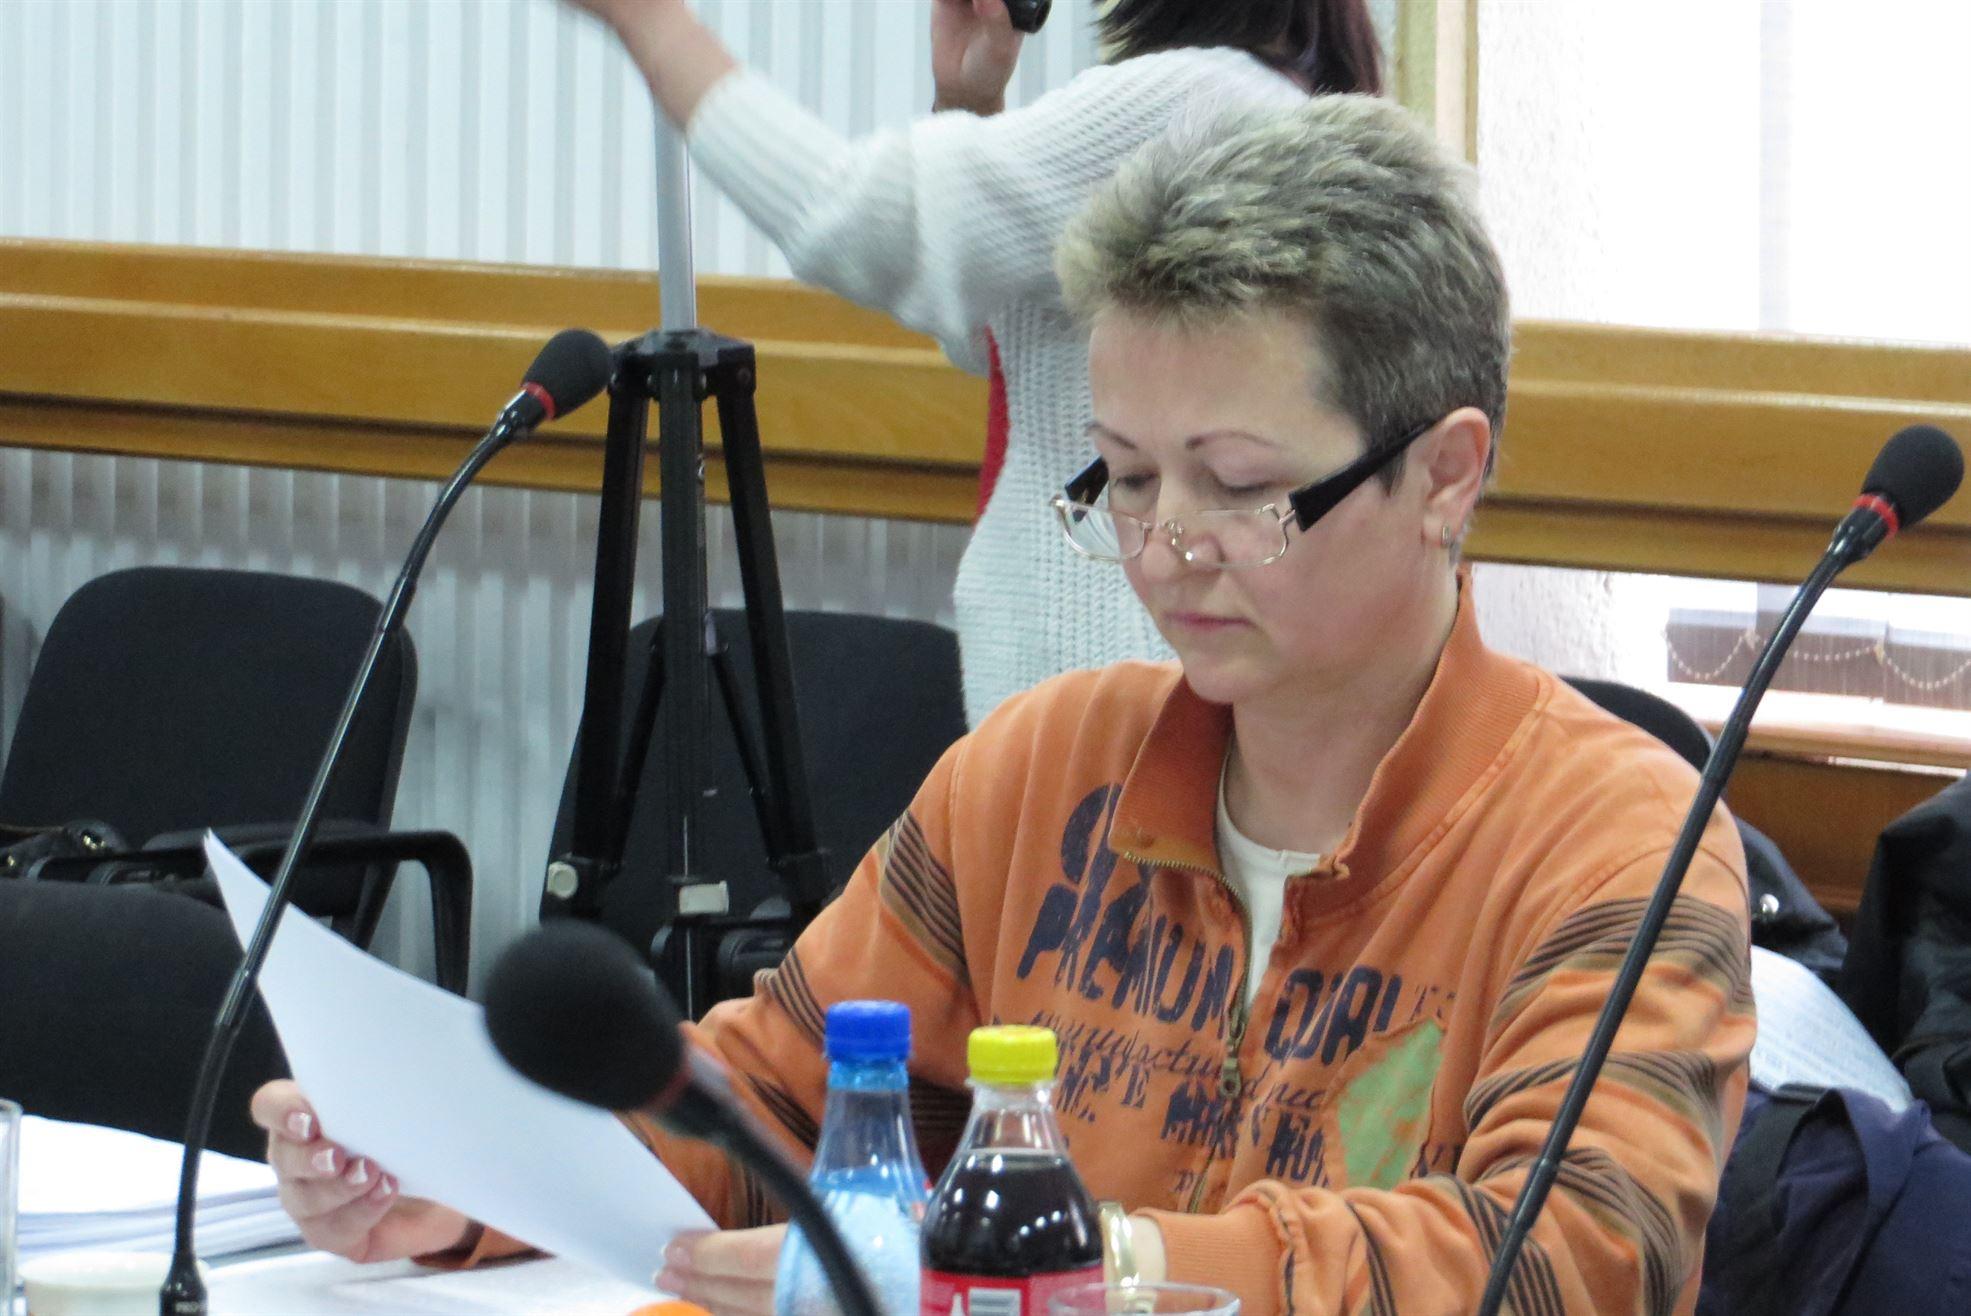 Draghincescu catre Simionescu: Trebuie sa fiti mai atent in ceea ce faceti!